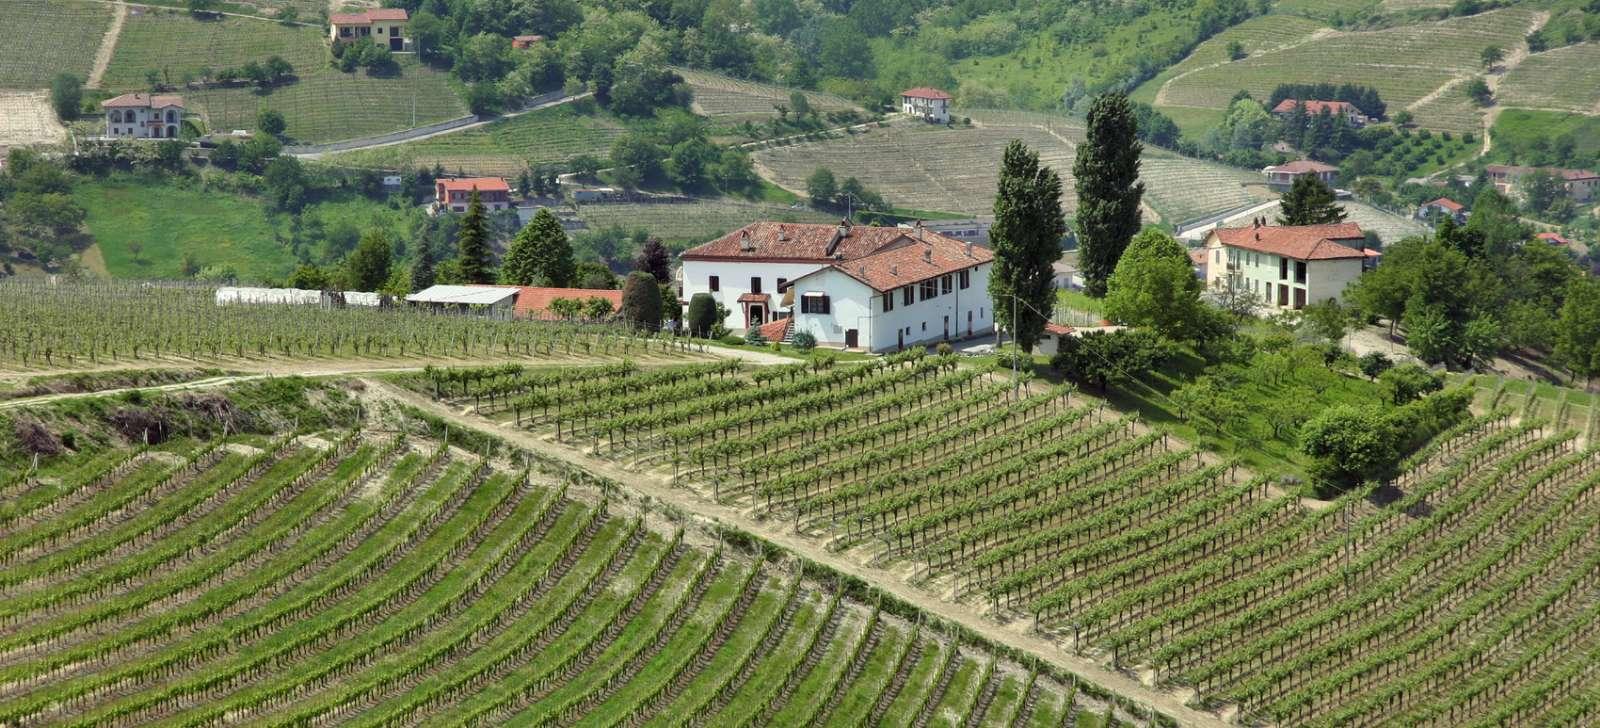 Utsikt och vinmarker